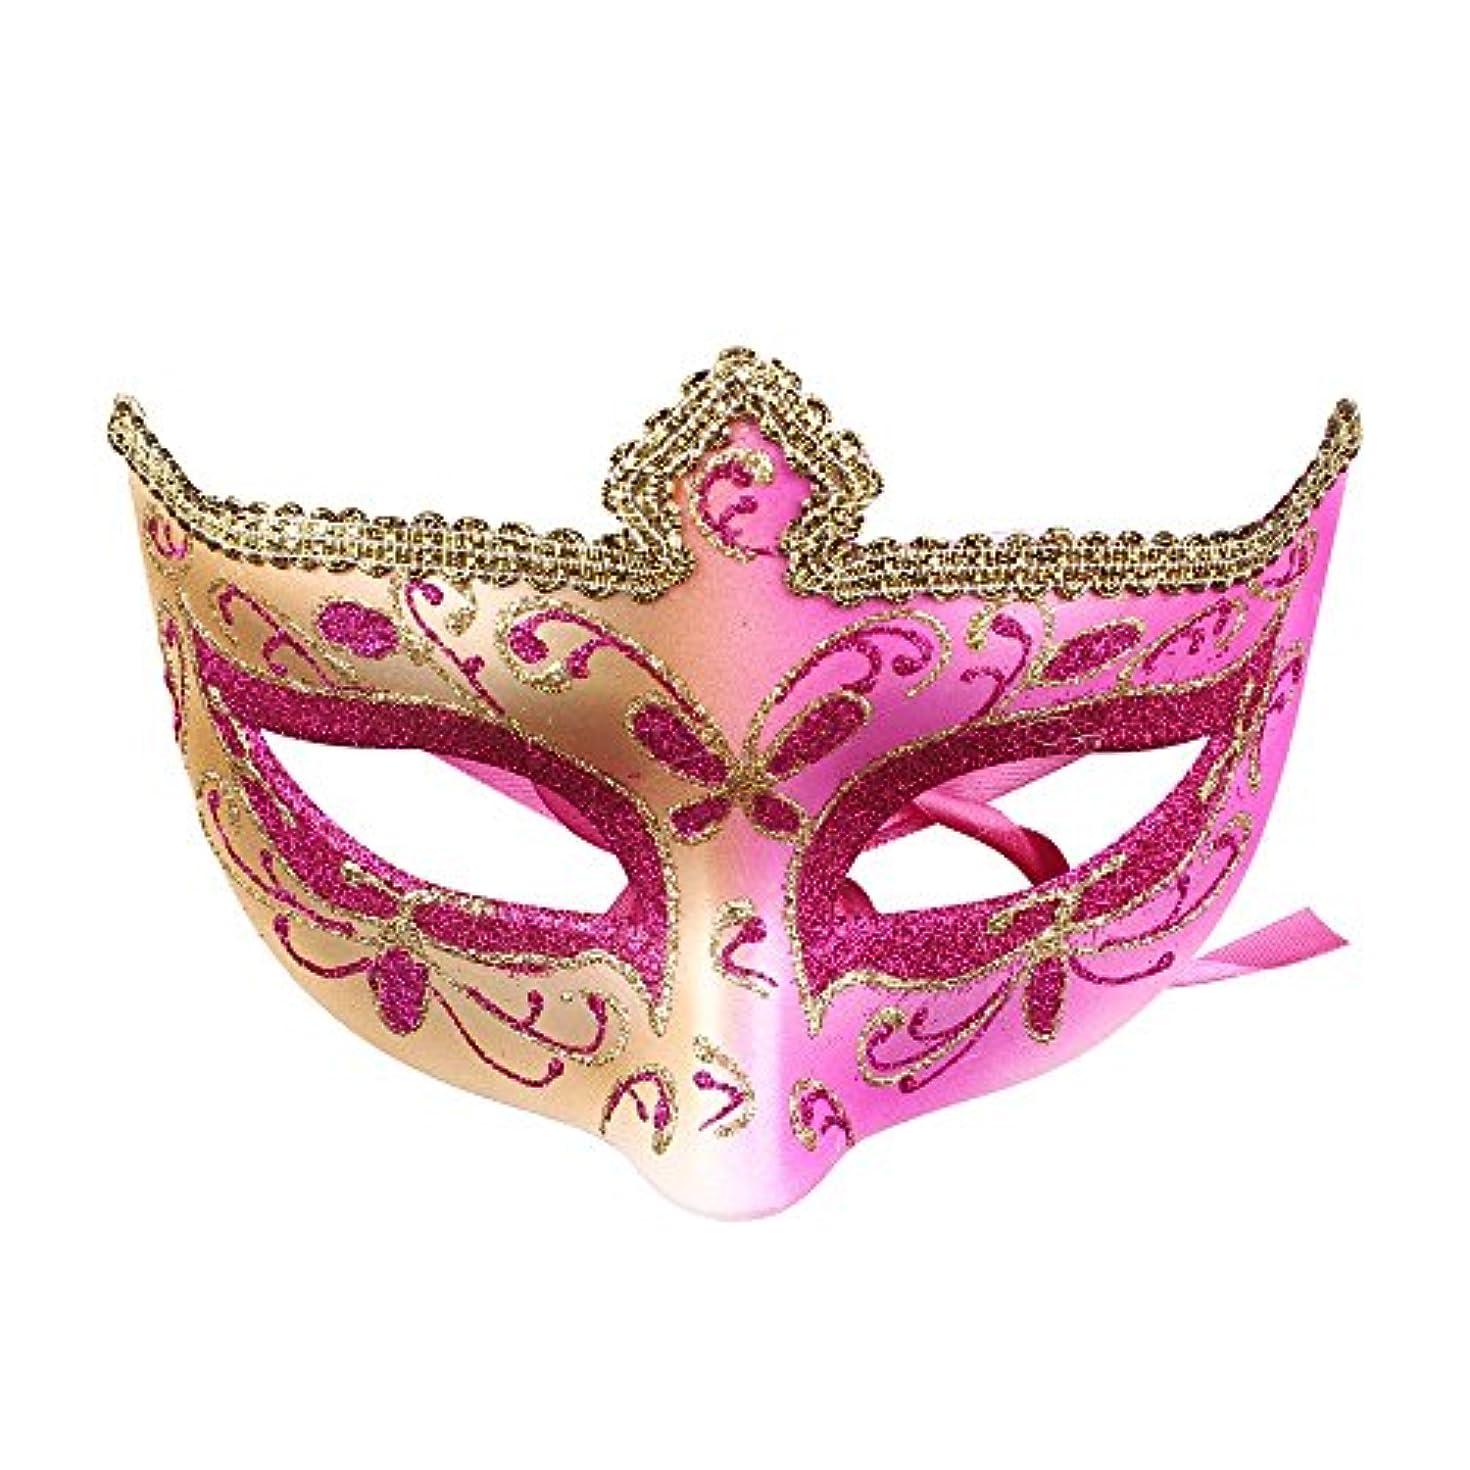 ウミウシハイキングに行く第クリエイティブ仮面舞??踏会レースマスク美容ハーフフェイス女性身に着けているマスクハロウィーン祭りパーティー用品 (Color : RED)